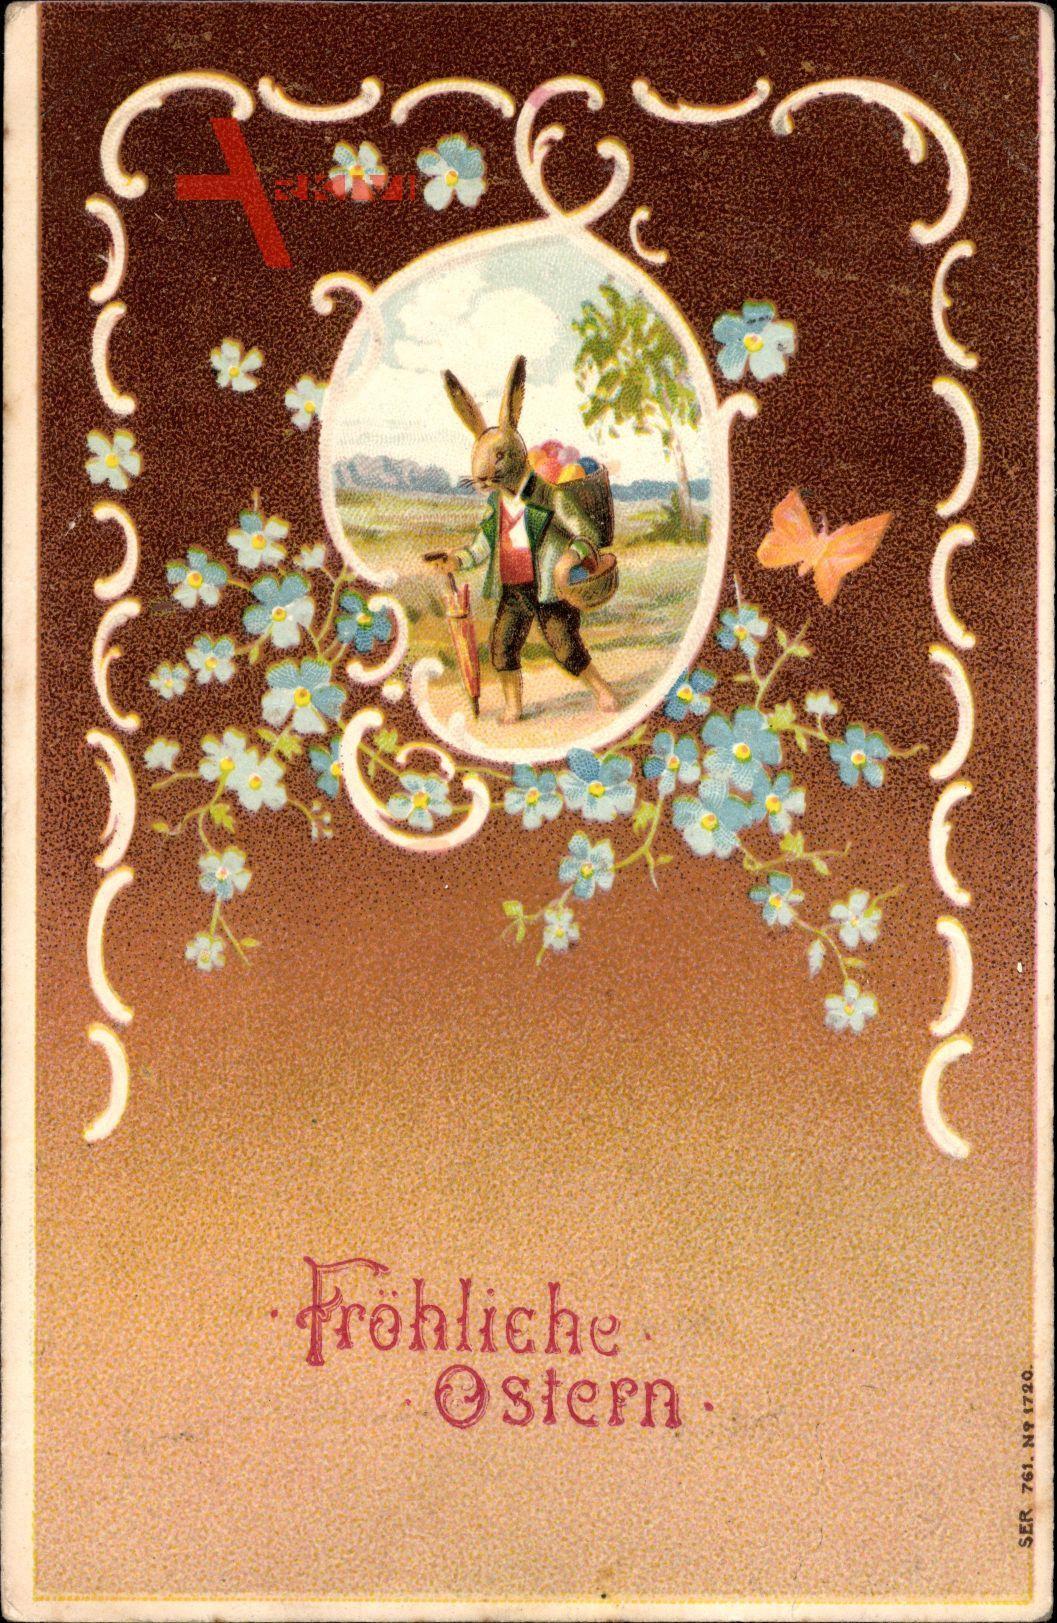 Glückwunsch Ostern, Osterhase, Spaziergang, Vergissmeinnicht